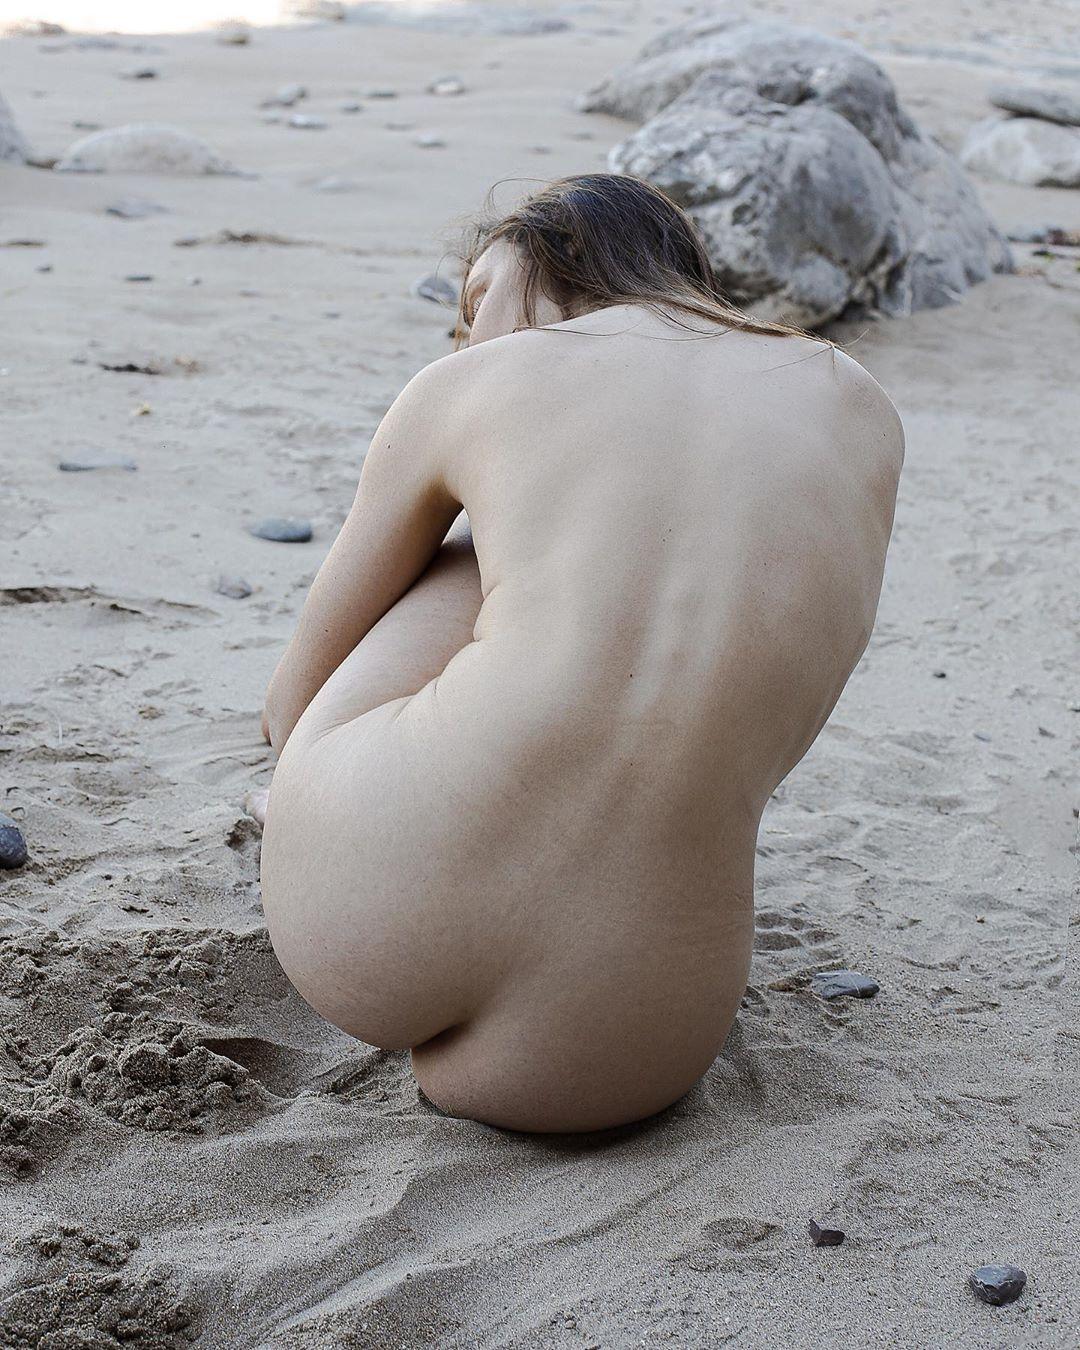 Чувственные снимки девушек от Сесилии Пингве